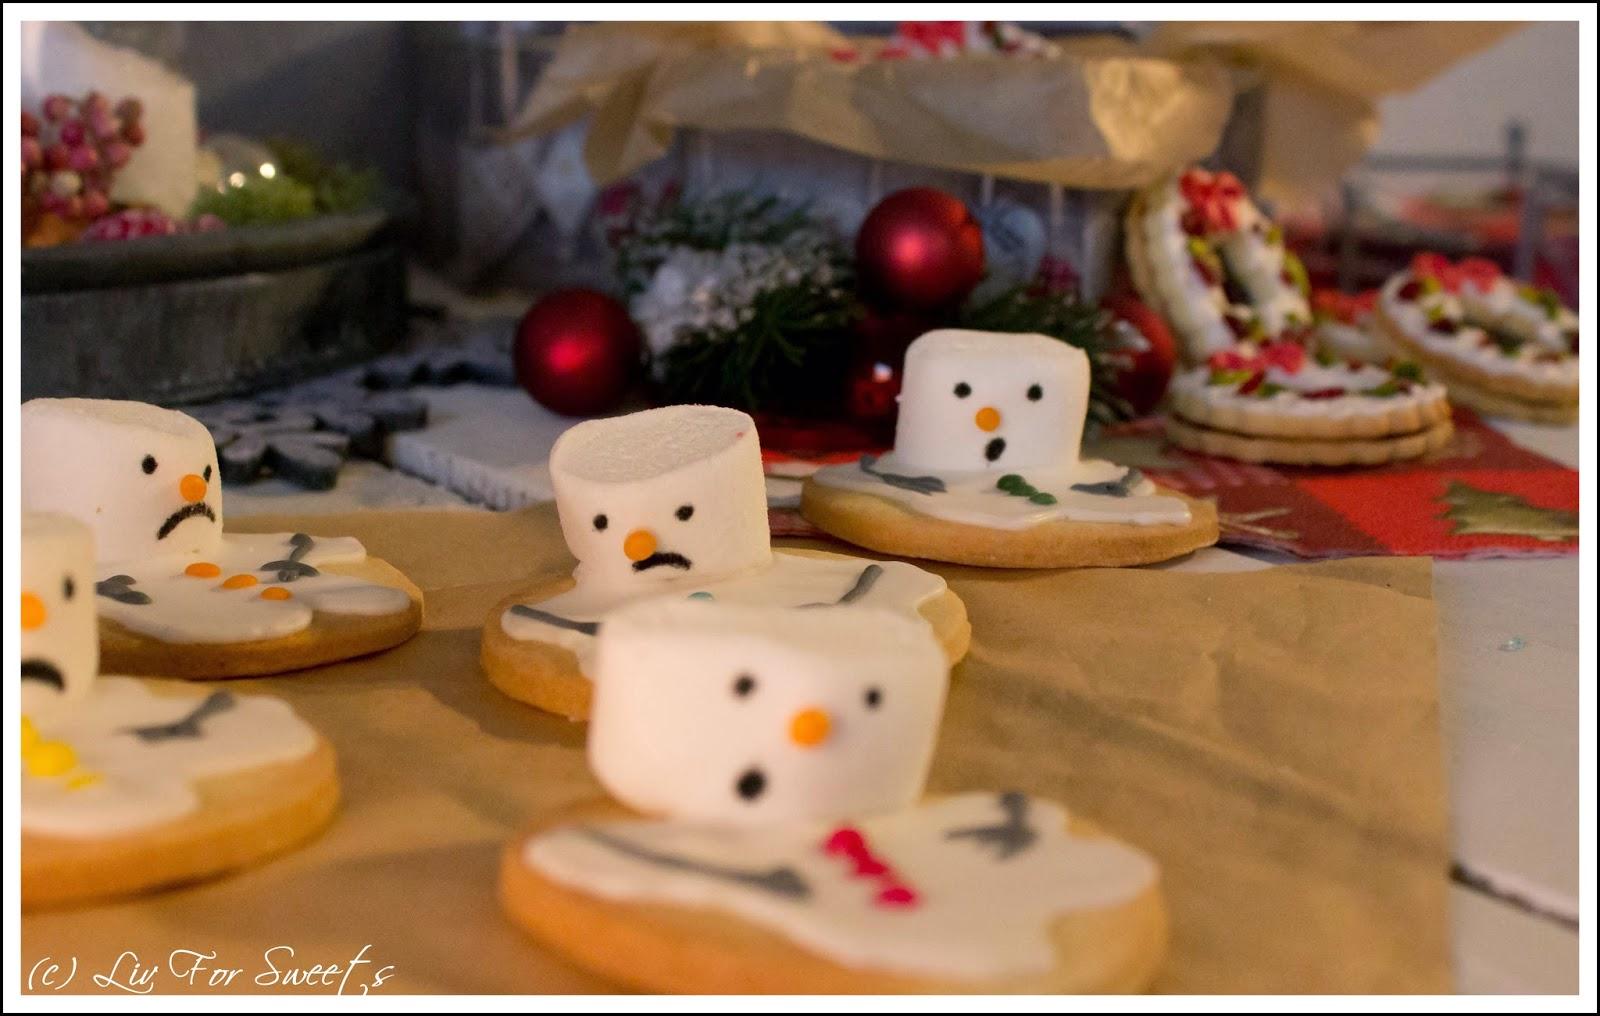 Schneemann-Keksemit Marshmallows, Weihnachtskranz-Kekse mit Pistazien, Cranberrys und Kirschkonfitüre, Mürbeteig, Weihnachten, Plätzchen, Rezept, Thermomix